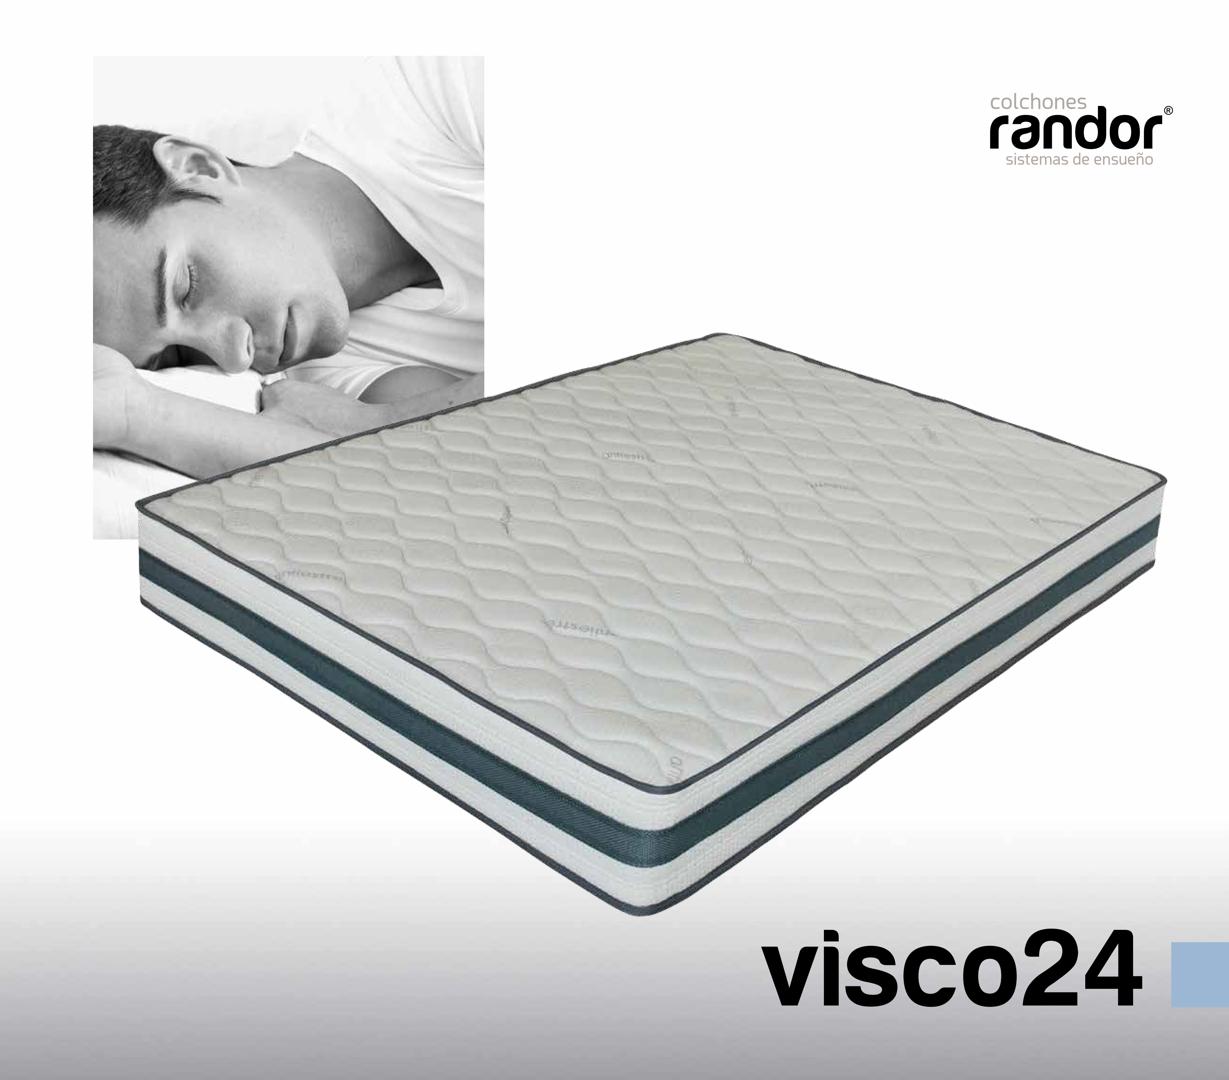 colchones randor flexibles visco24